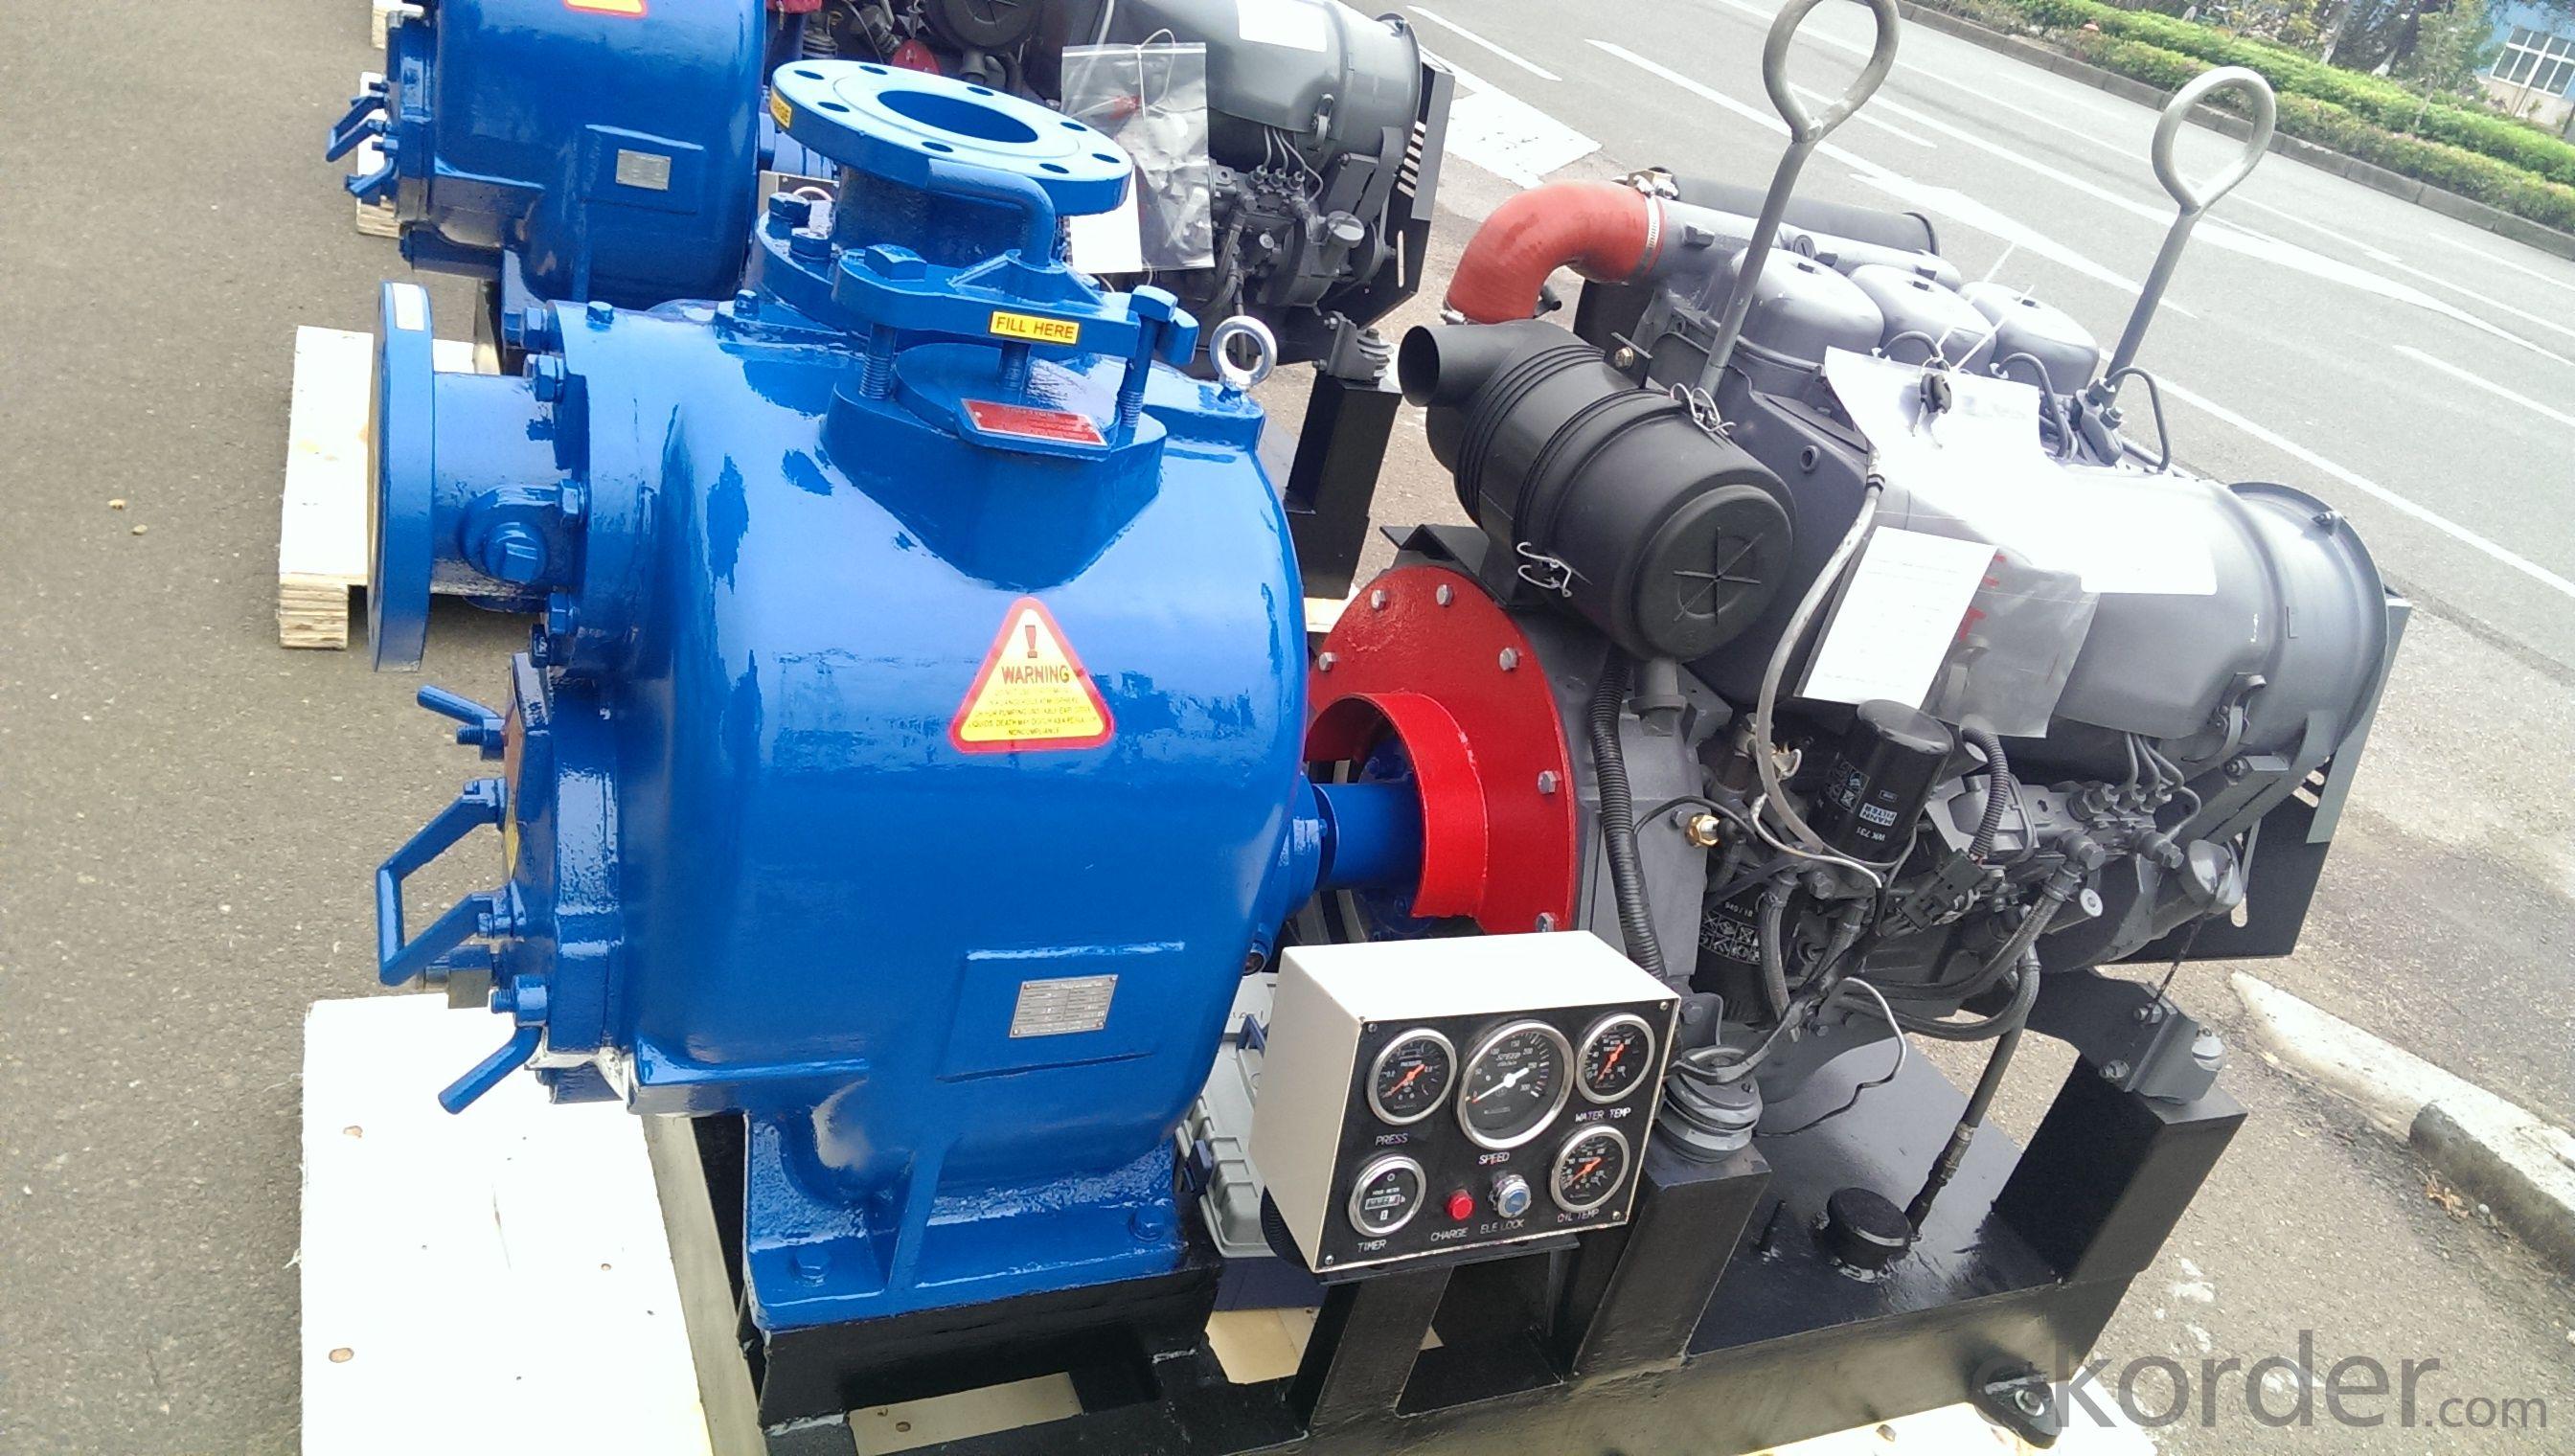 Self priming beinei diesel engine sewage waste trash water pump